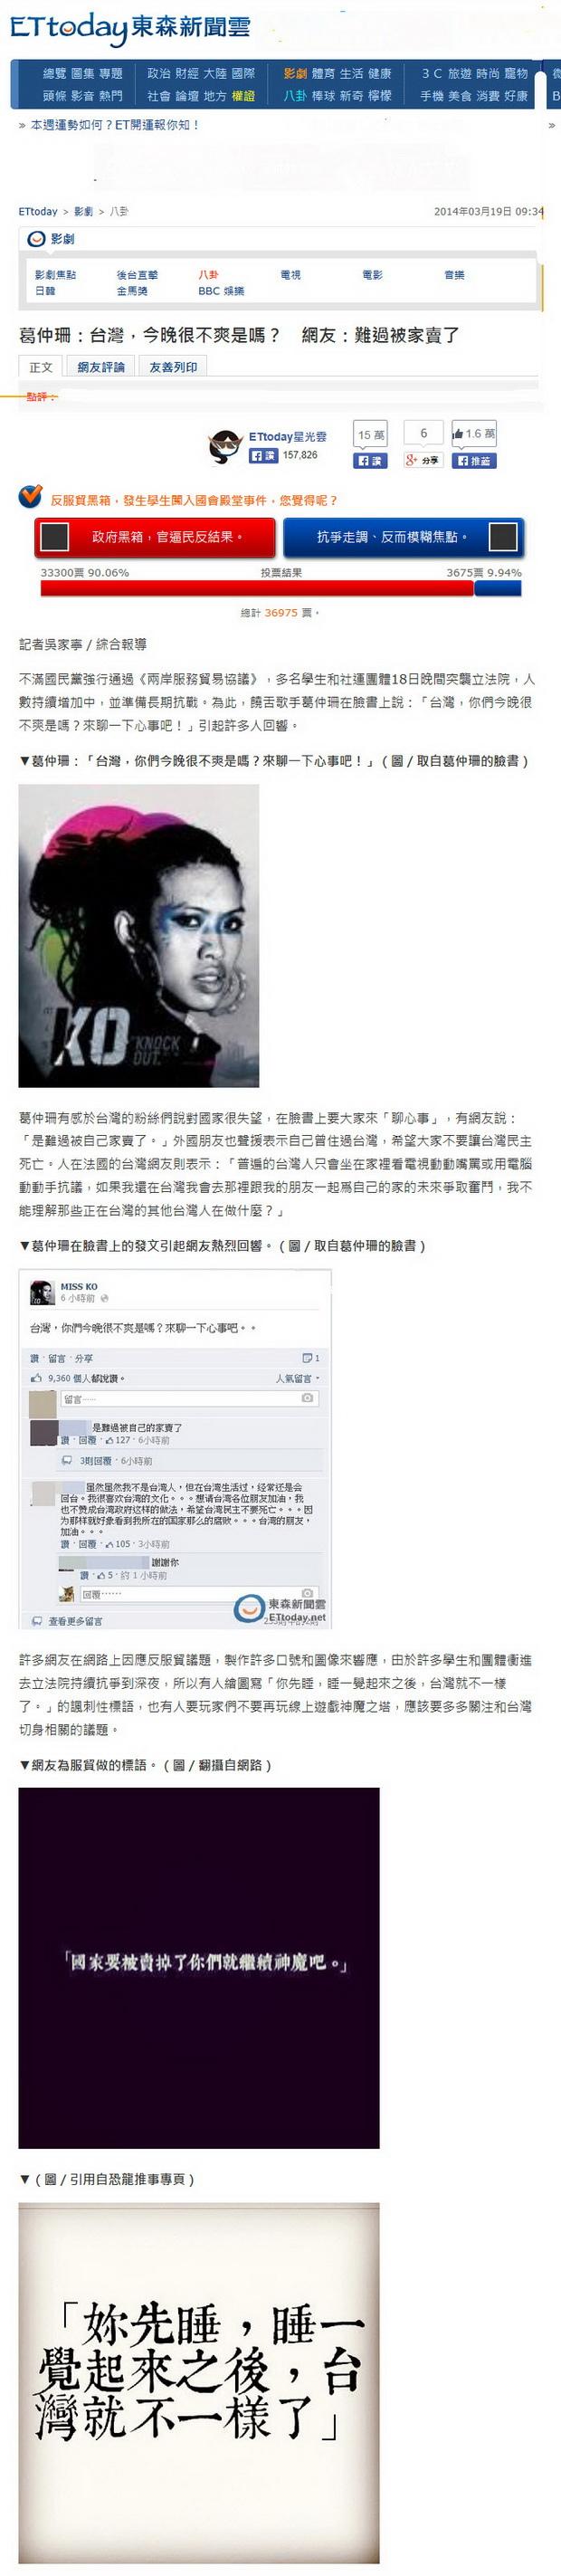 葛仲珊:台灣,今晚很不爽是嗎? 網友:難過被家賣了 -2014.03.19.jpg